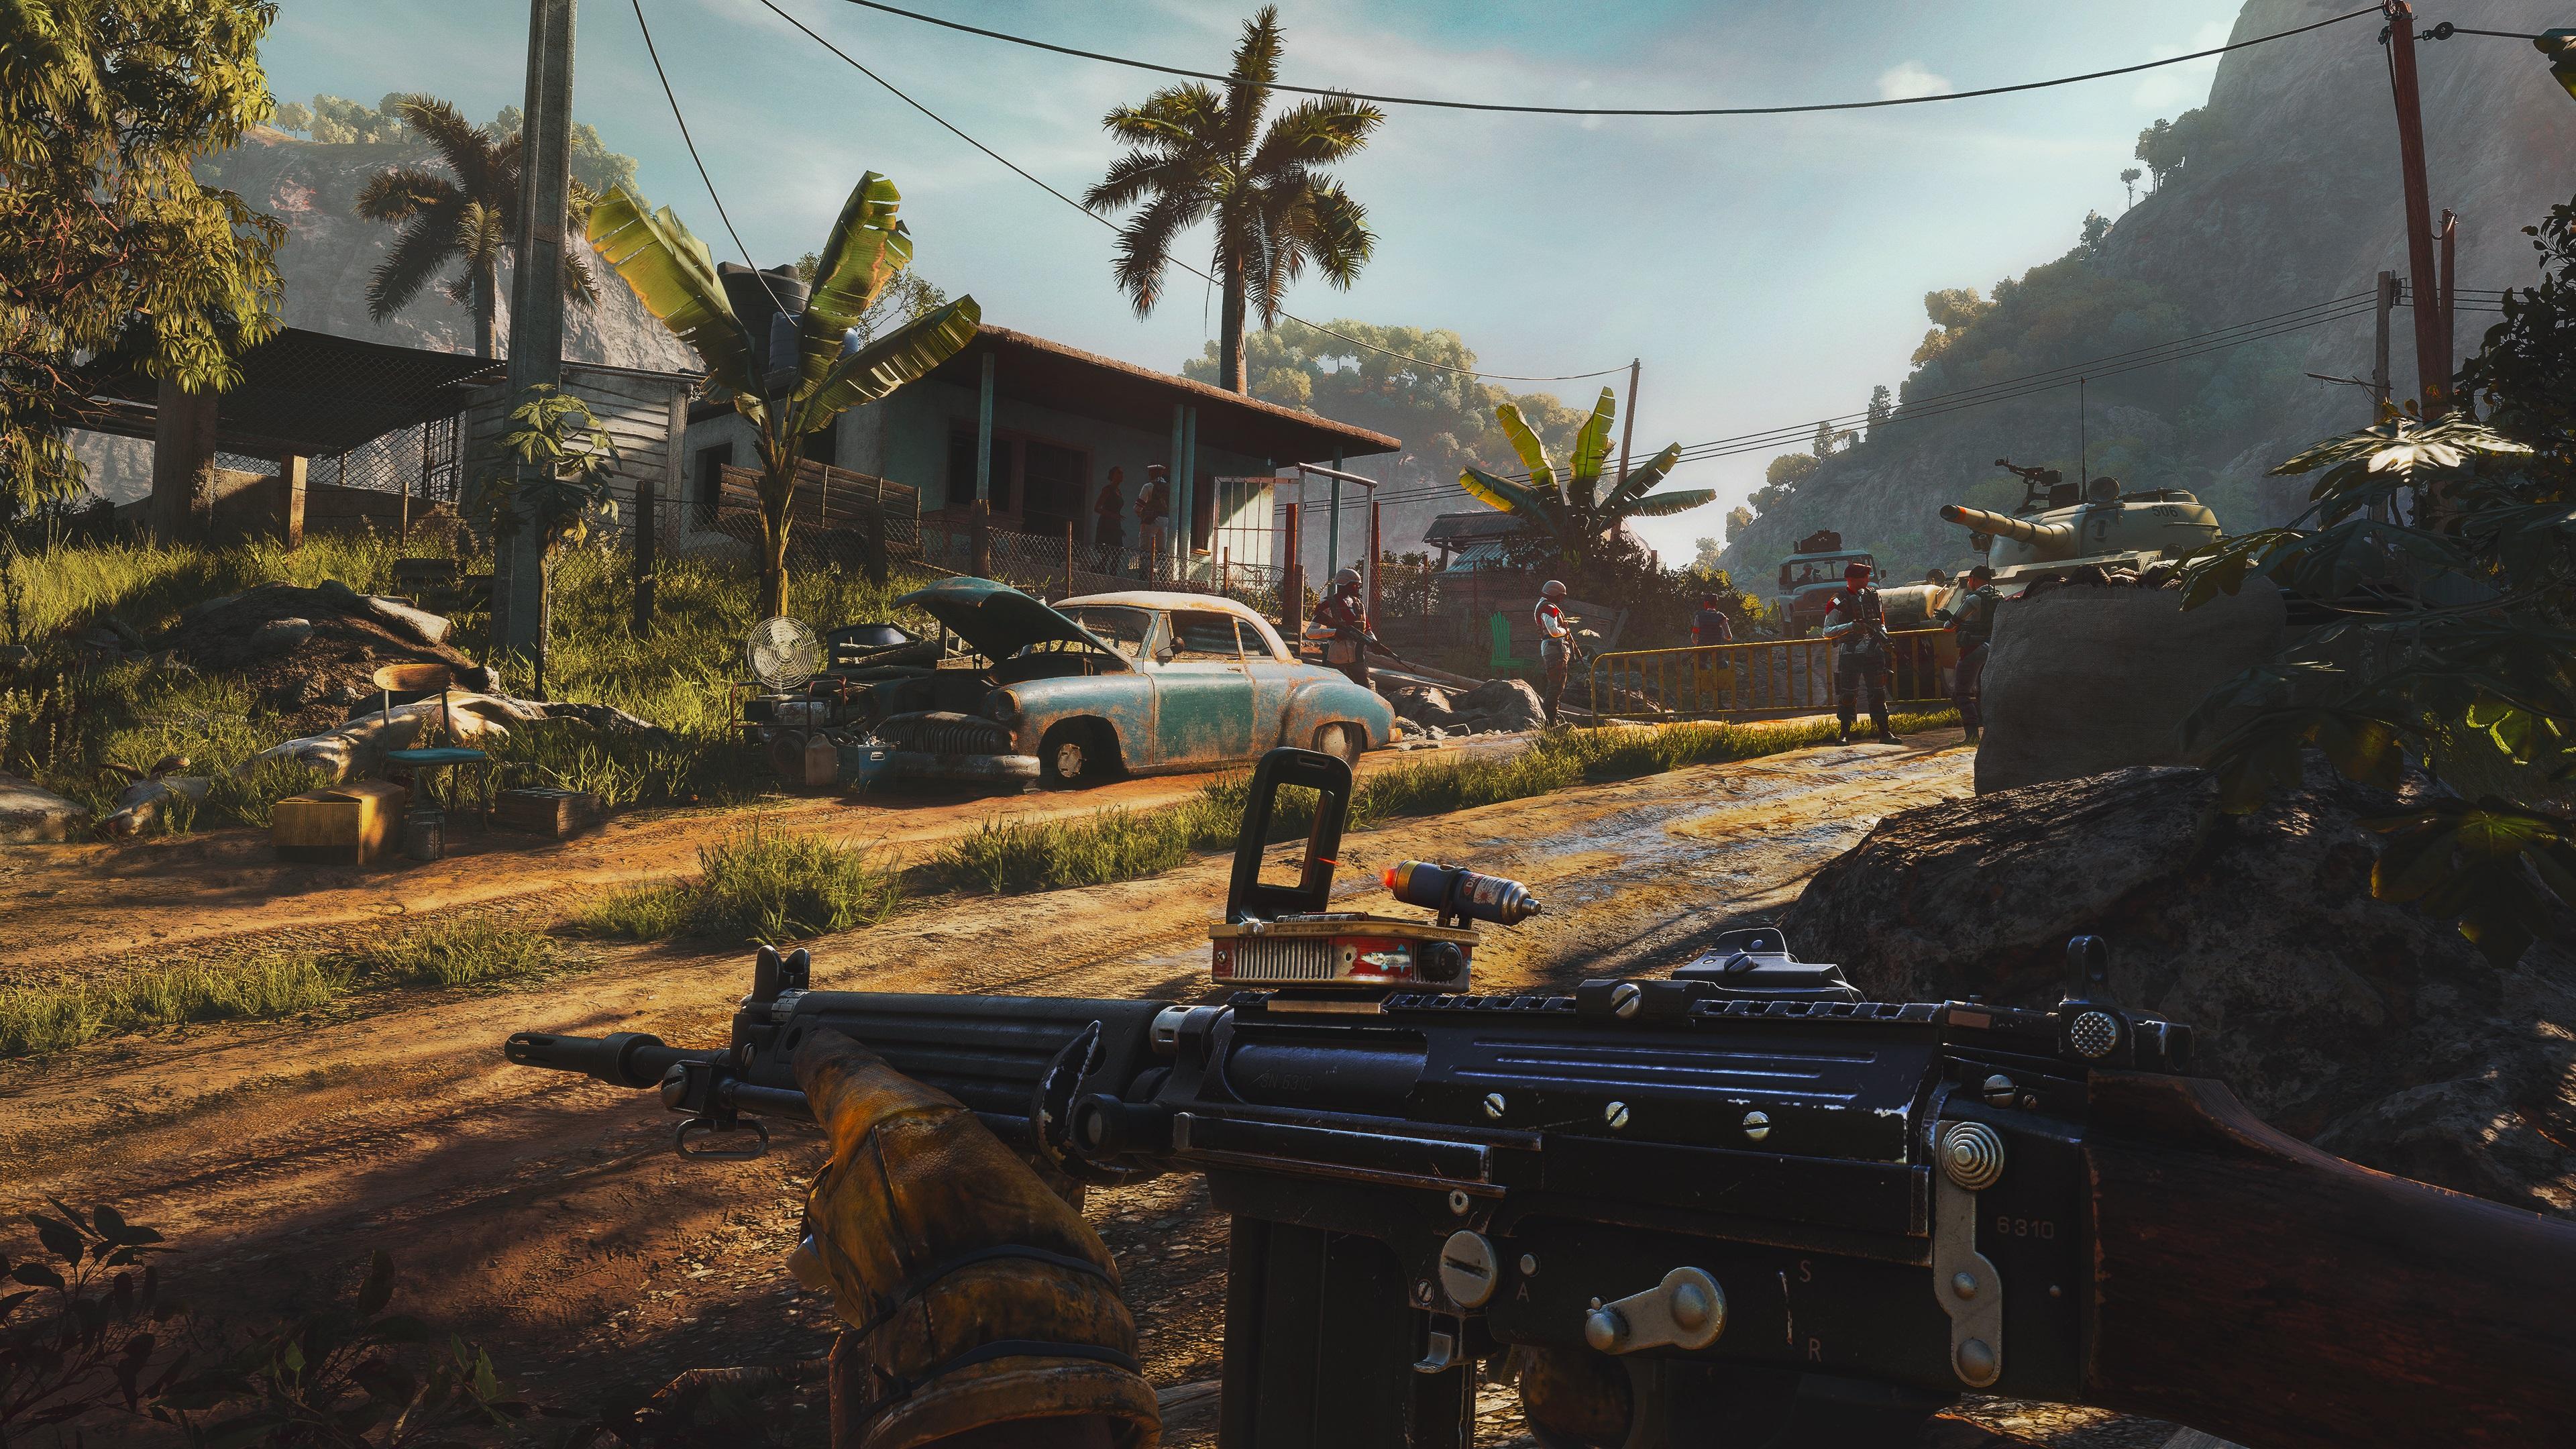 Мы возродим рай: первая геймплейная демонстрация Far Cry 6 состоится 28 мая